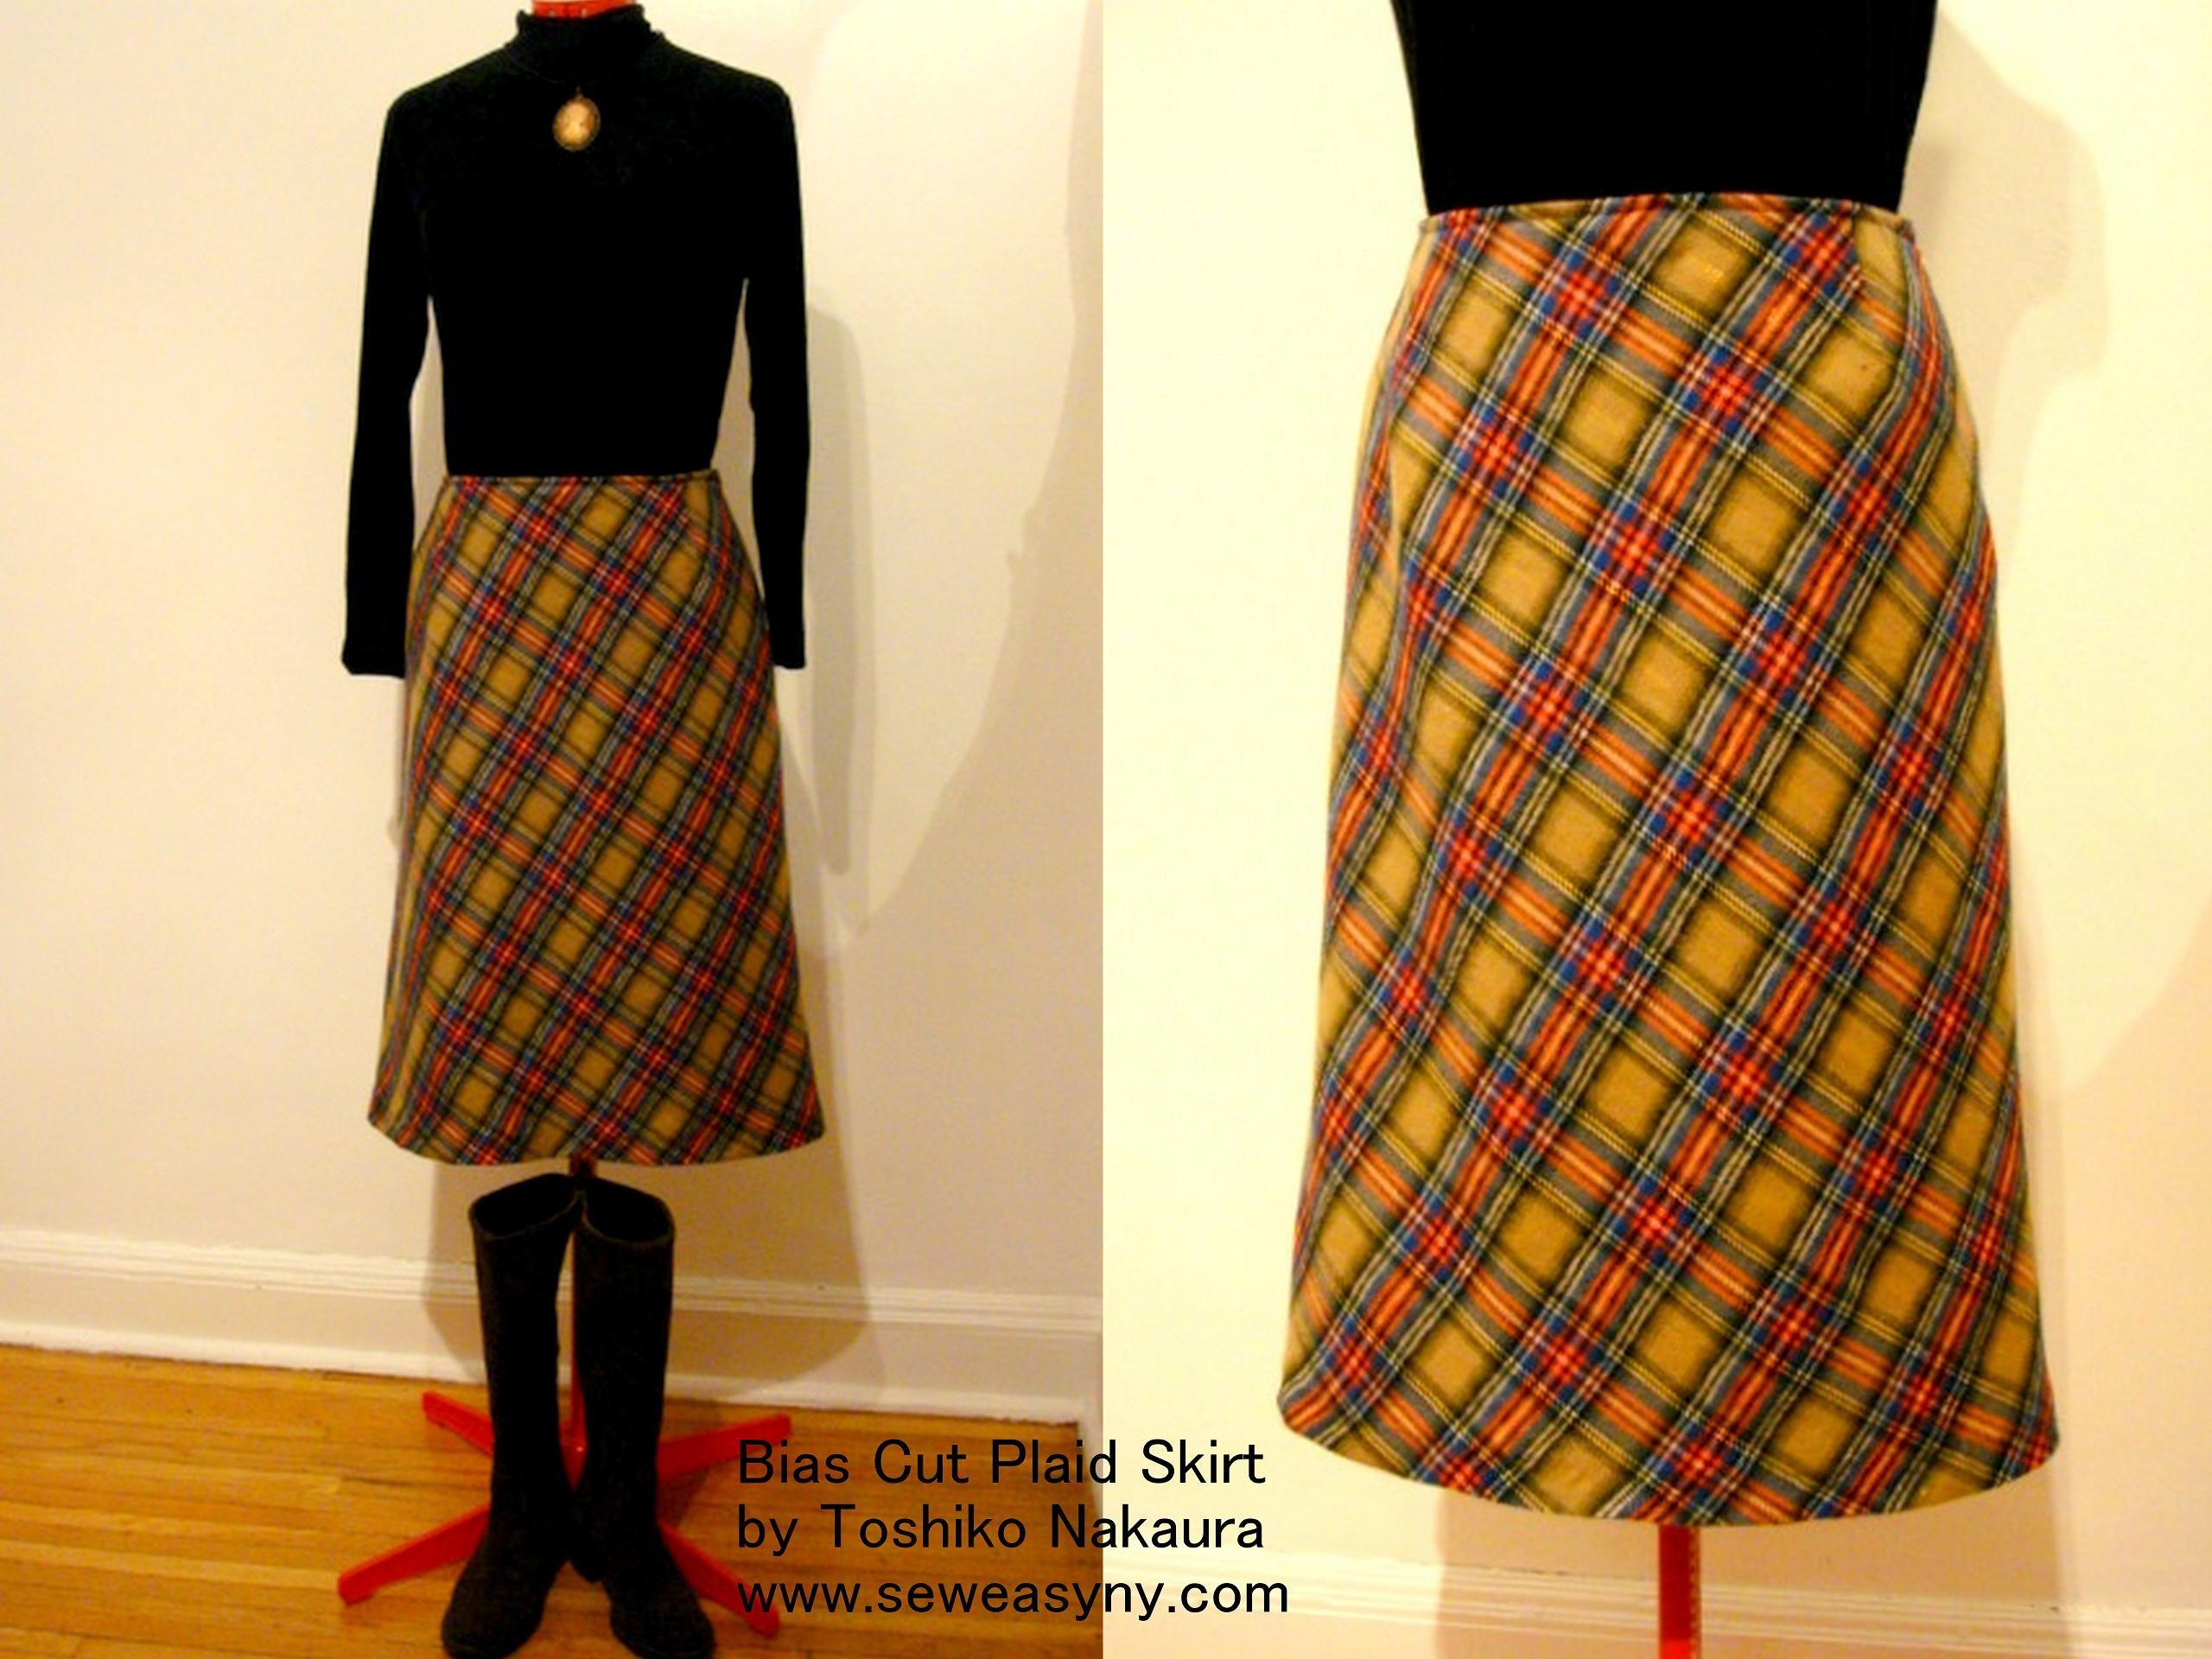 秋一番に着たいバイヤスカットのチェックのスカート : Sew Easy New York